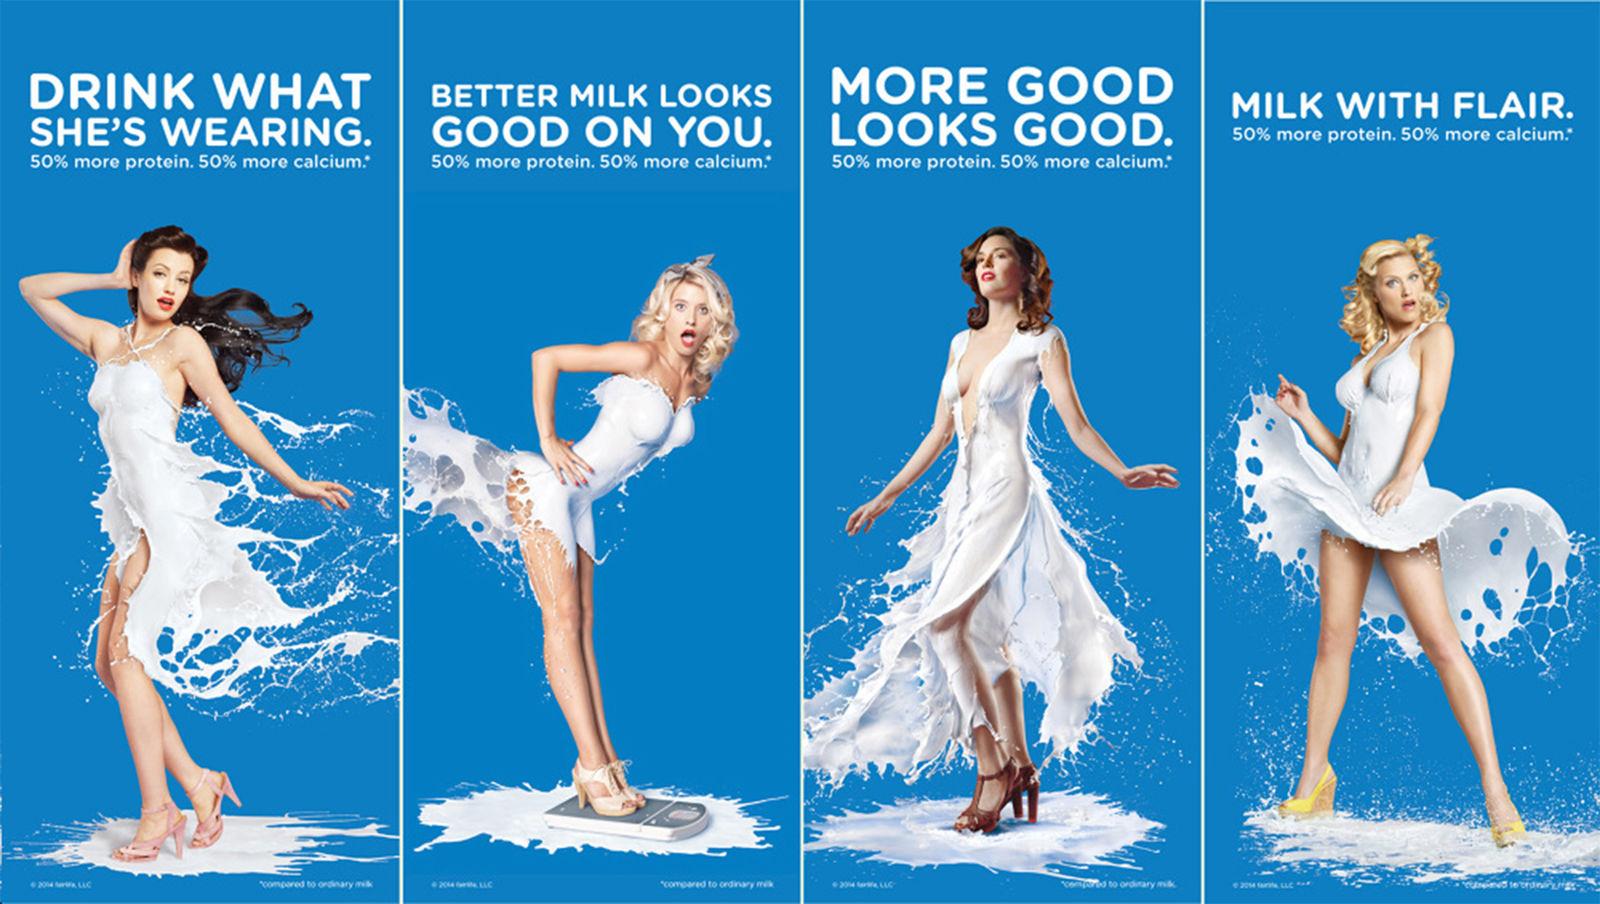 Coca Cola lanserade sin mjölkprodukt under namnet Fairlife med denna smakfulla kampanj